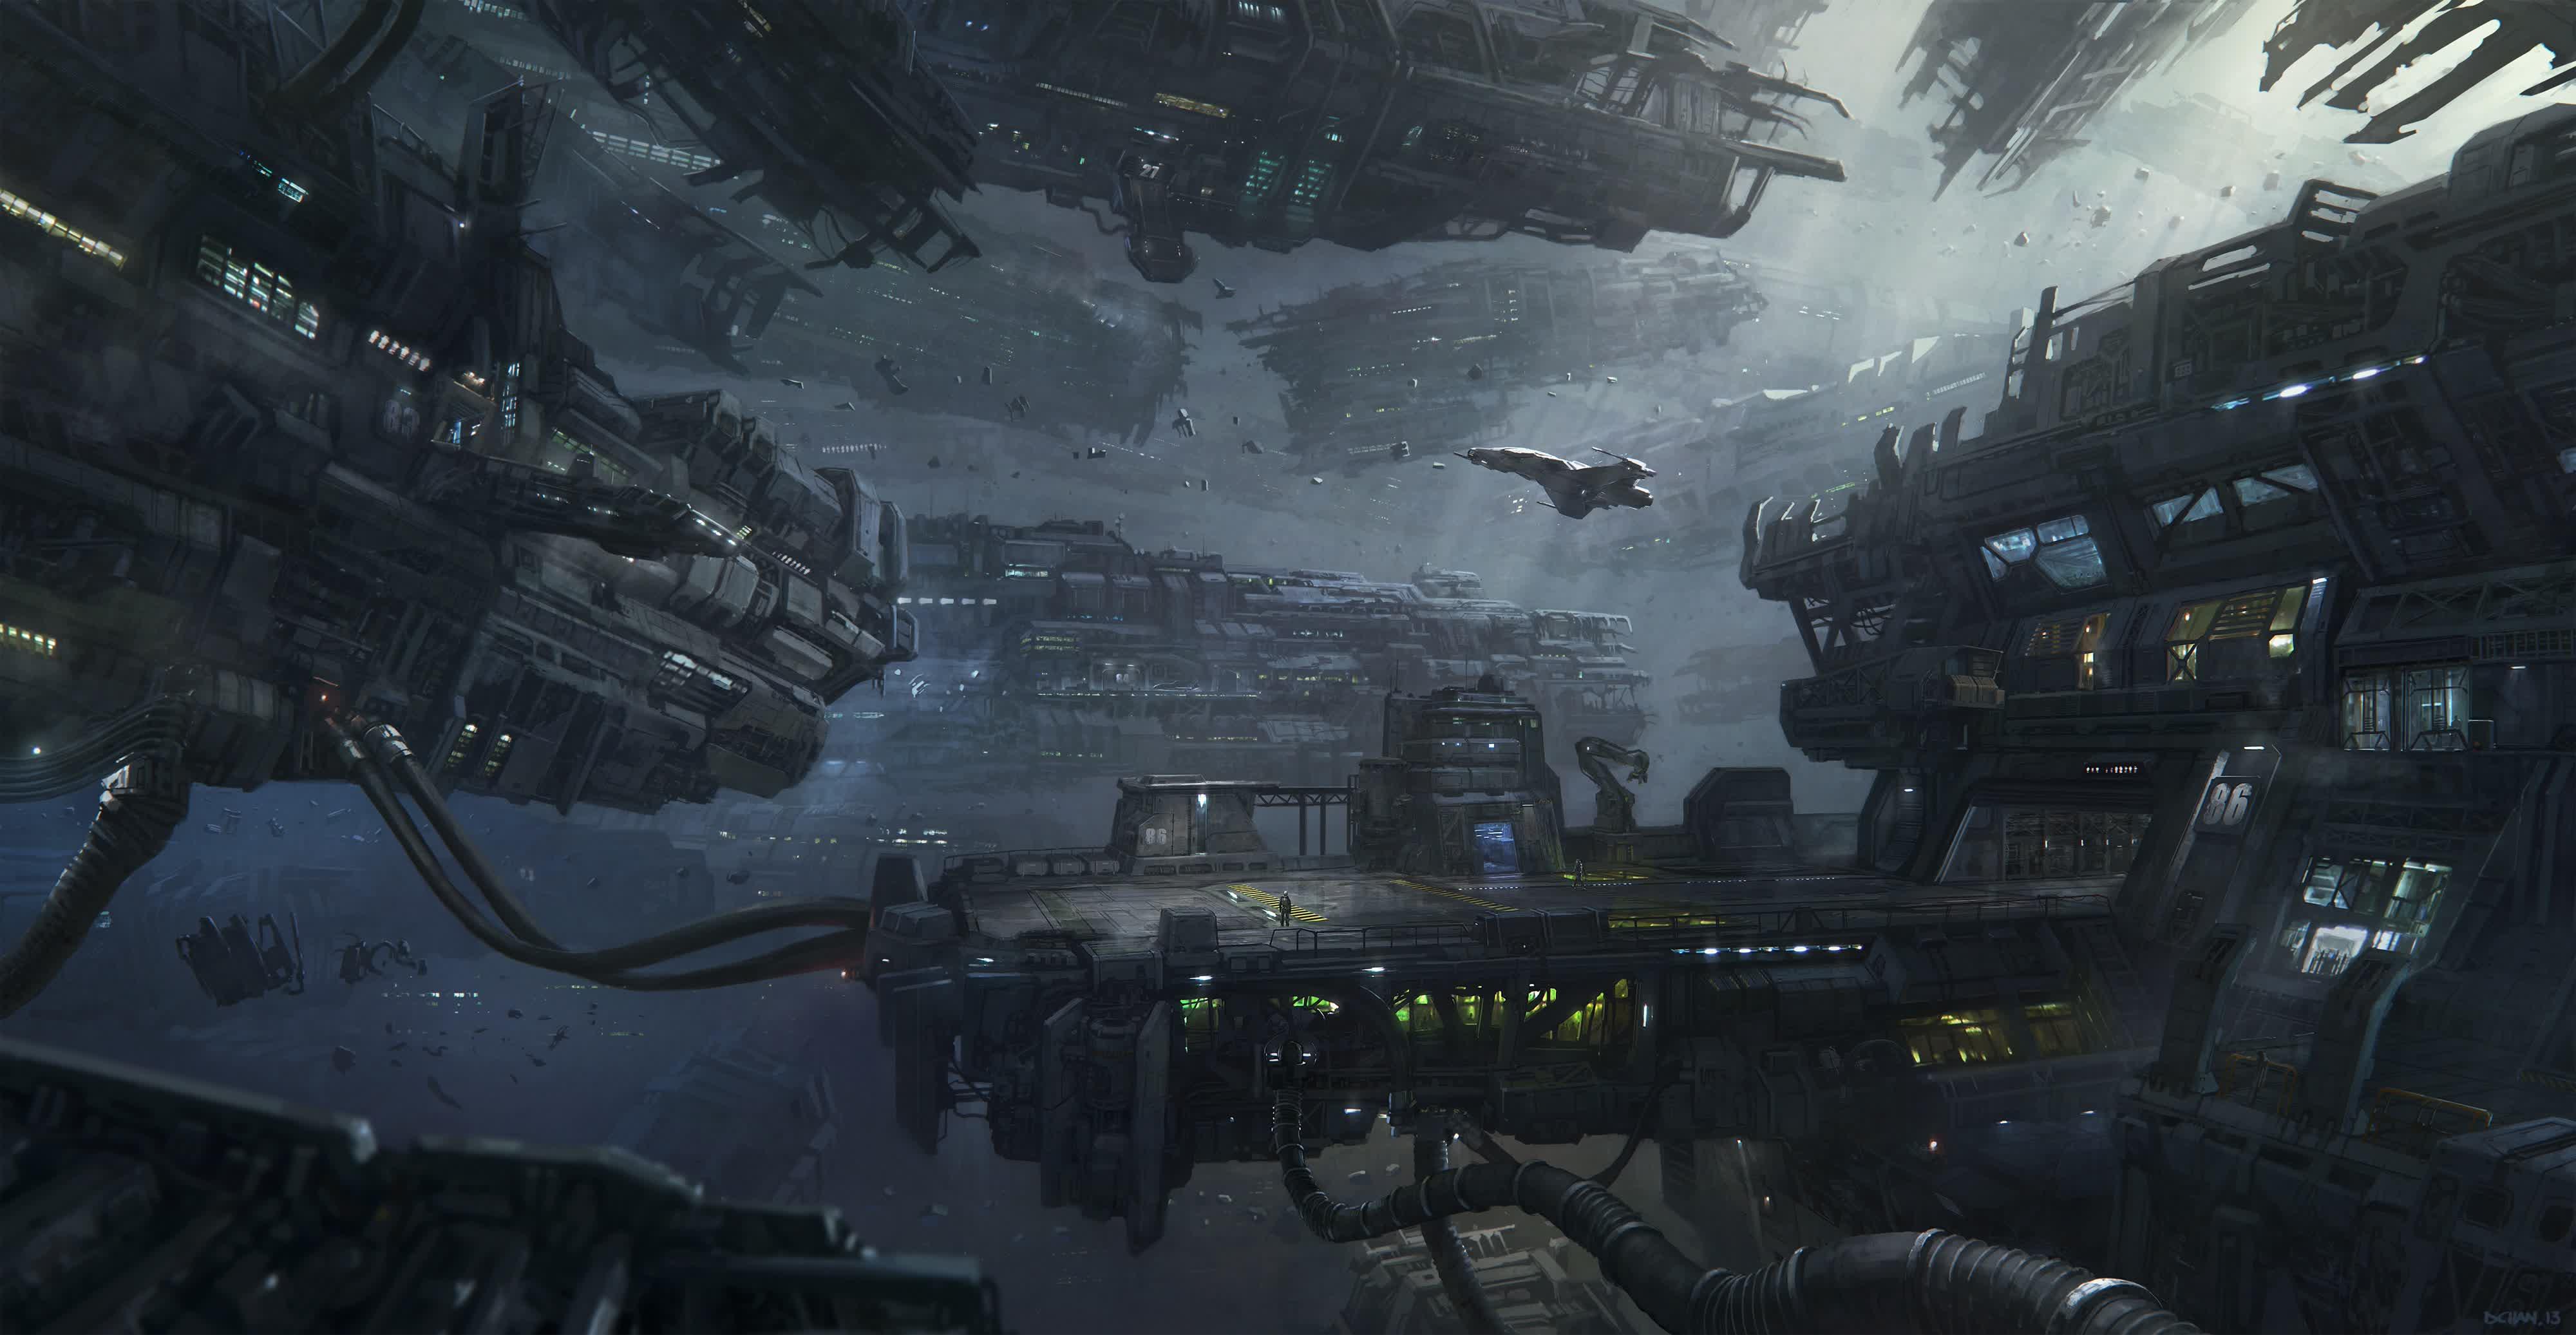 """Rusza galaktyczne """"Nie spoczywaj na laurach: Edycja Kosmiczna"""". AMD daje klientom gry nie z tej ziemi"""